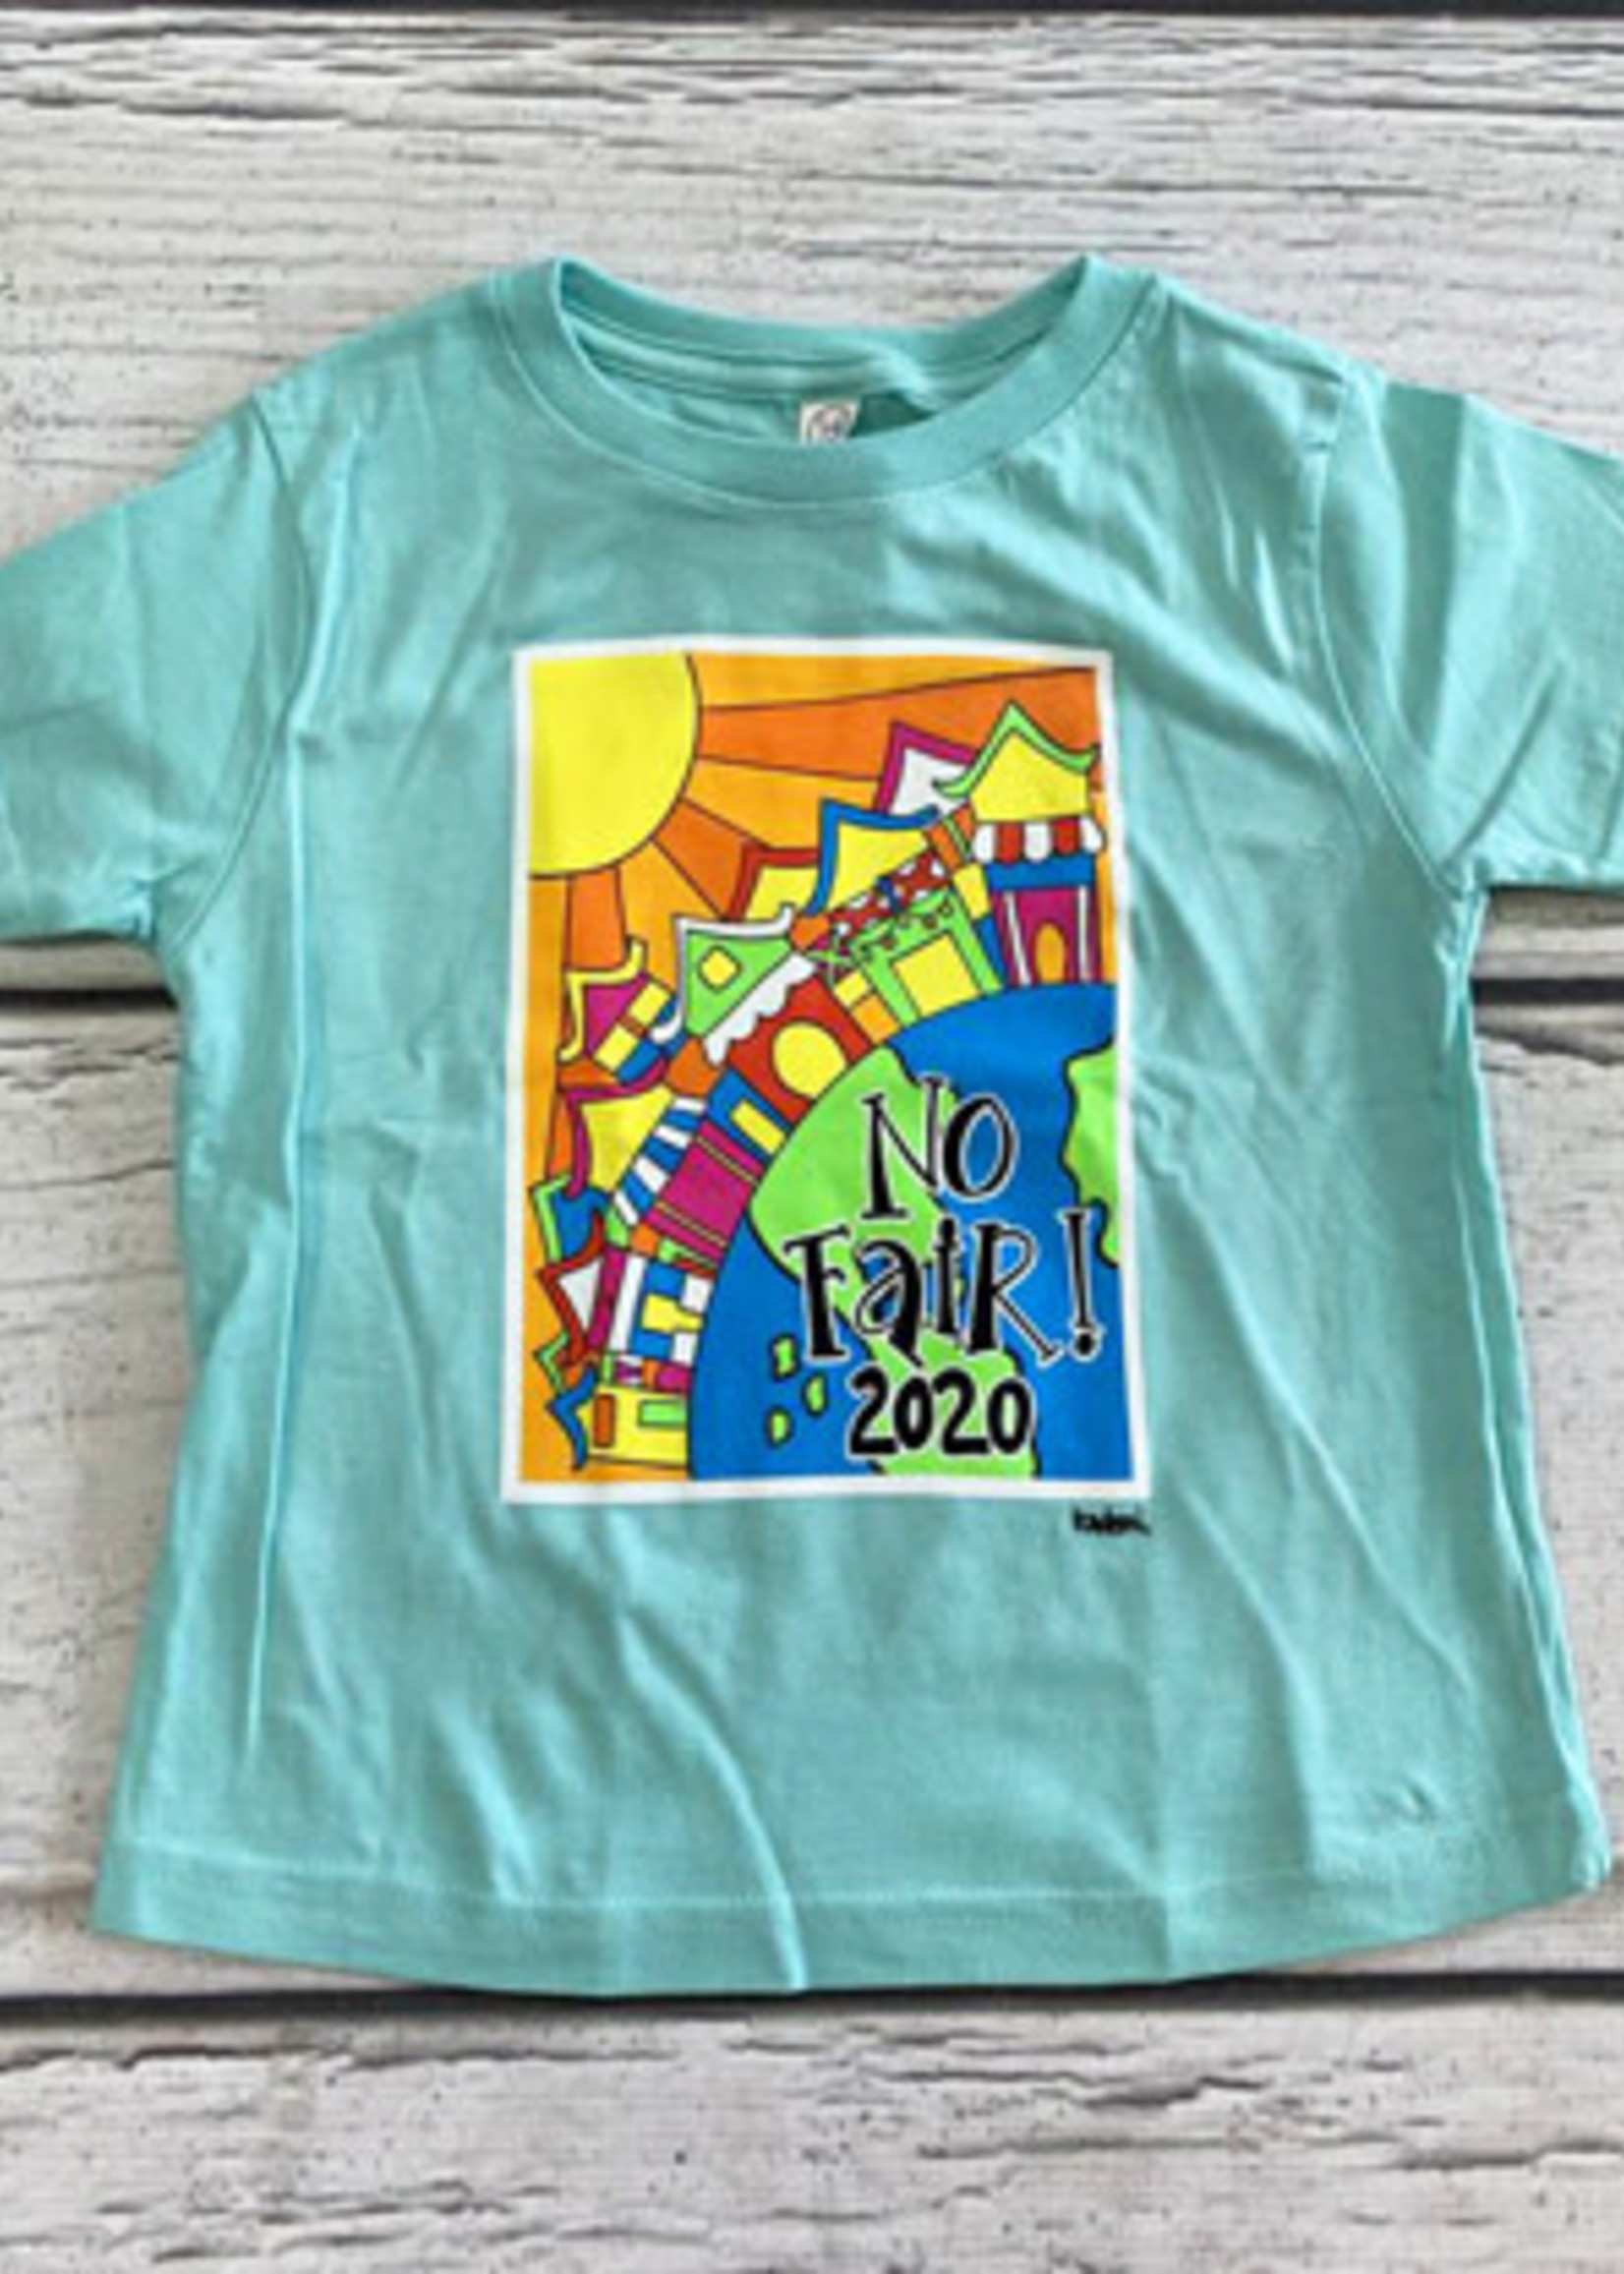 Kademi Fair 2020 Toddler T-Shirt